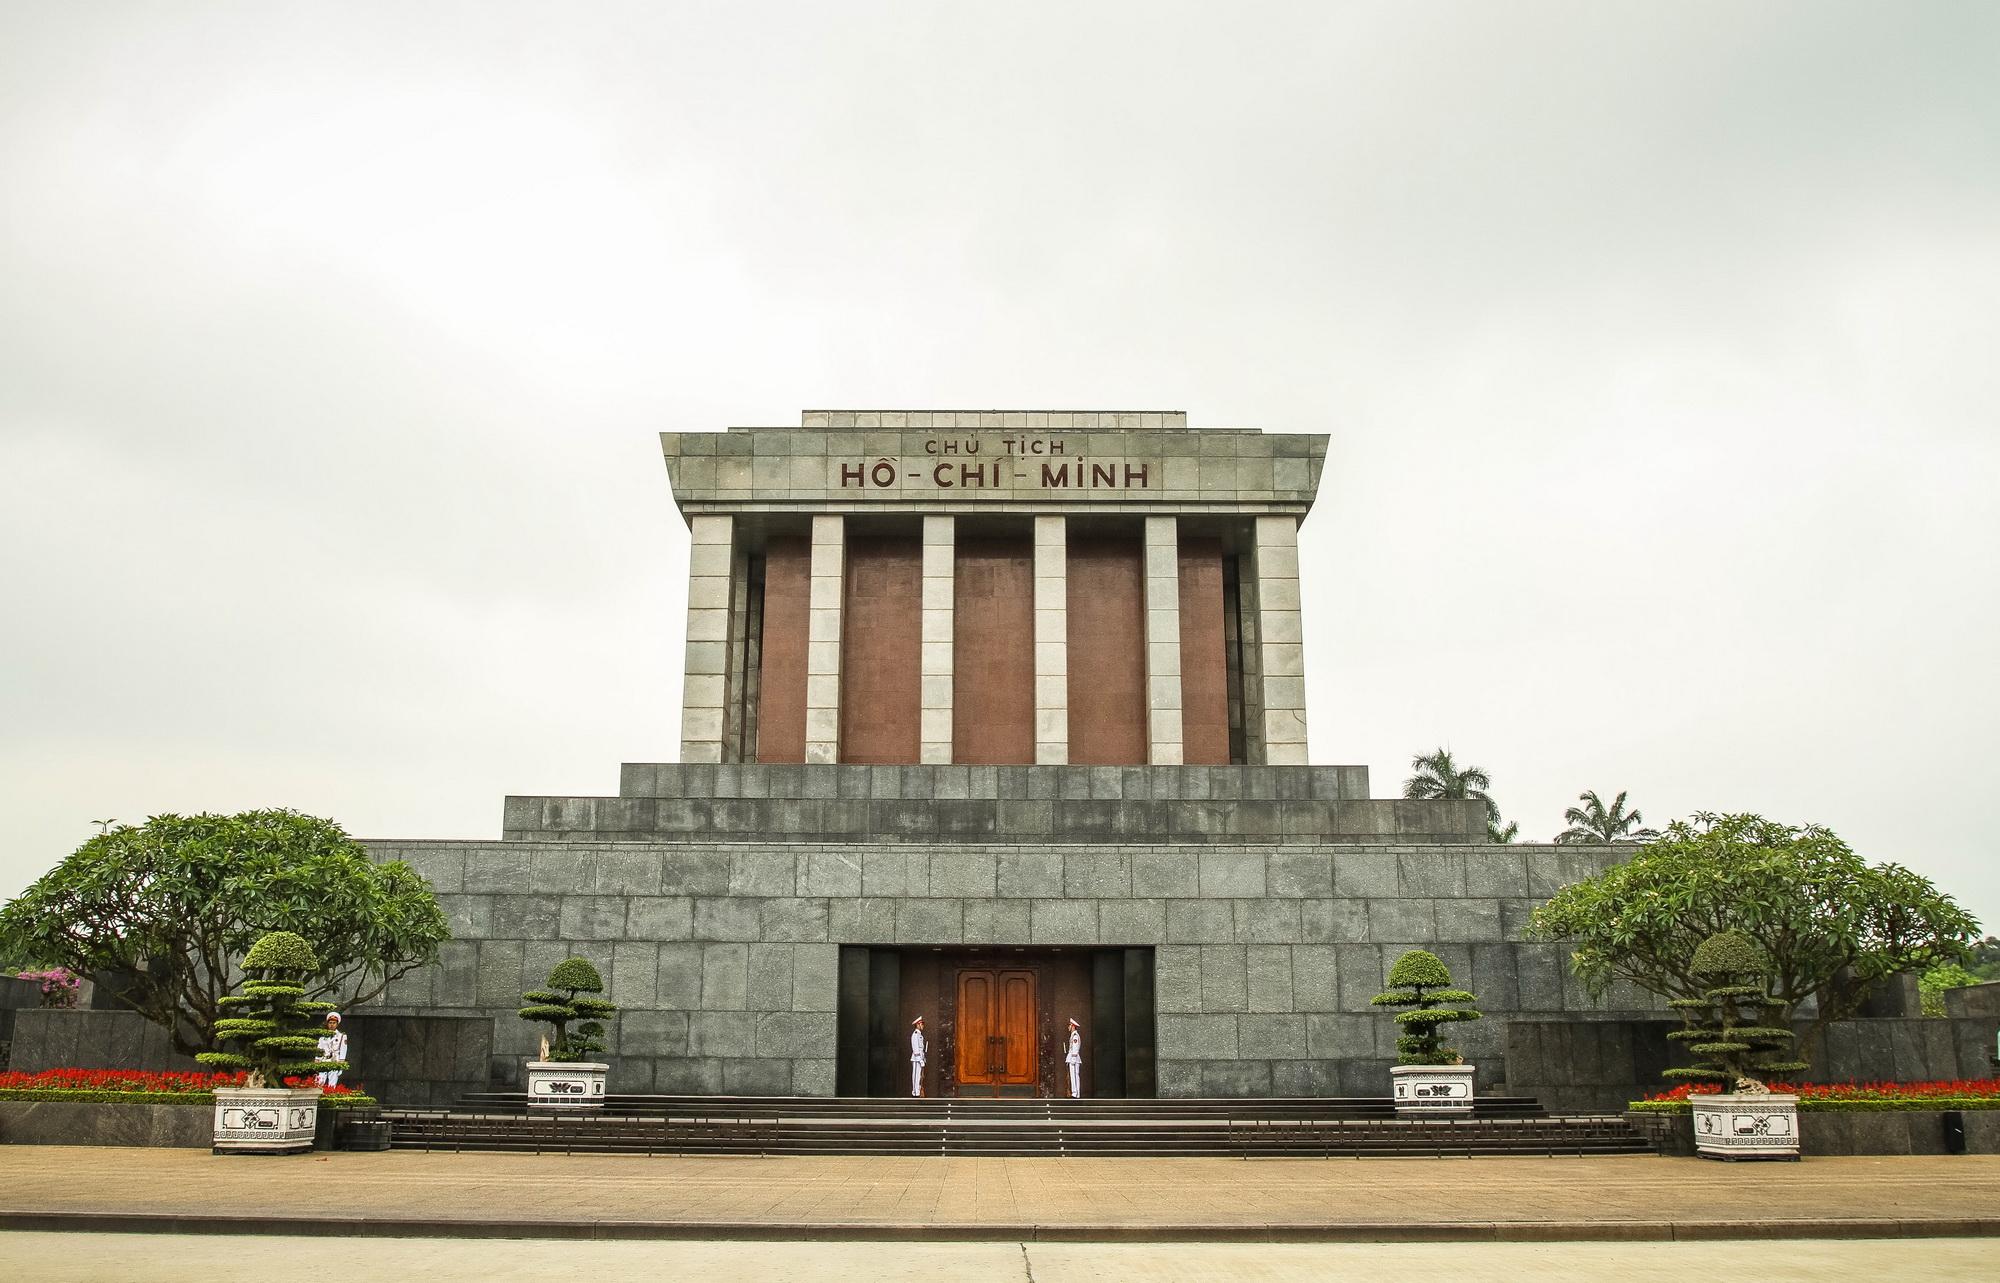 Hanoi & Halong Bay Discovery, Hanoi, Ho Chi Minh Mausoleum